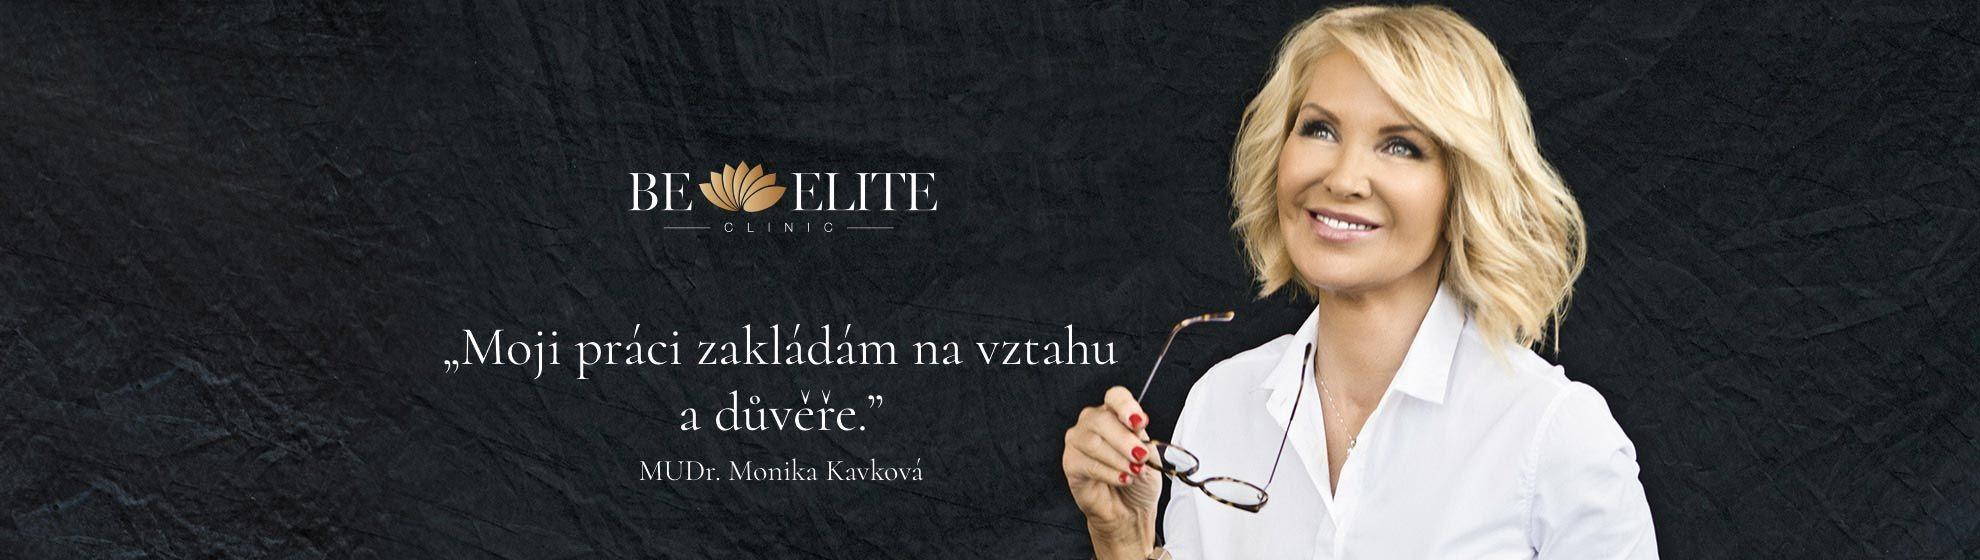 MUDr. Monika Kavková